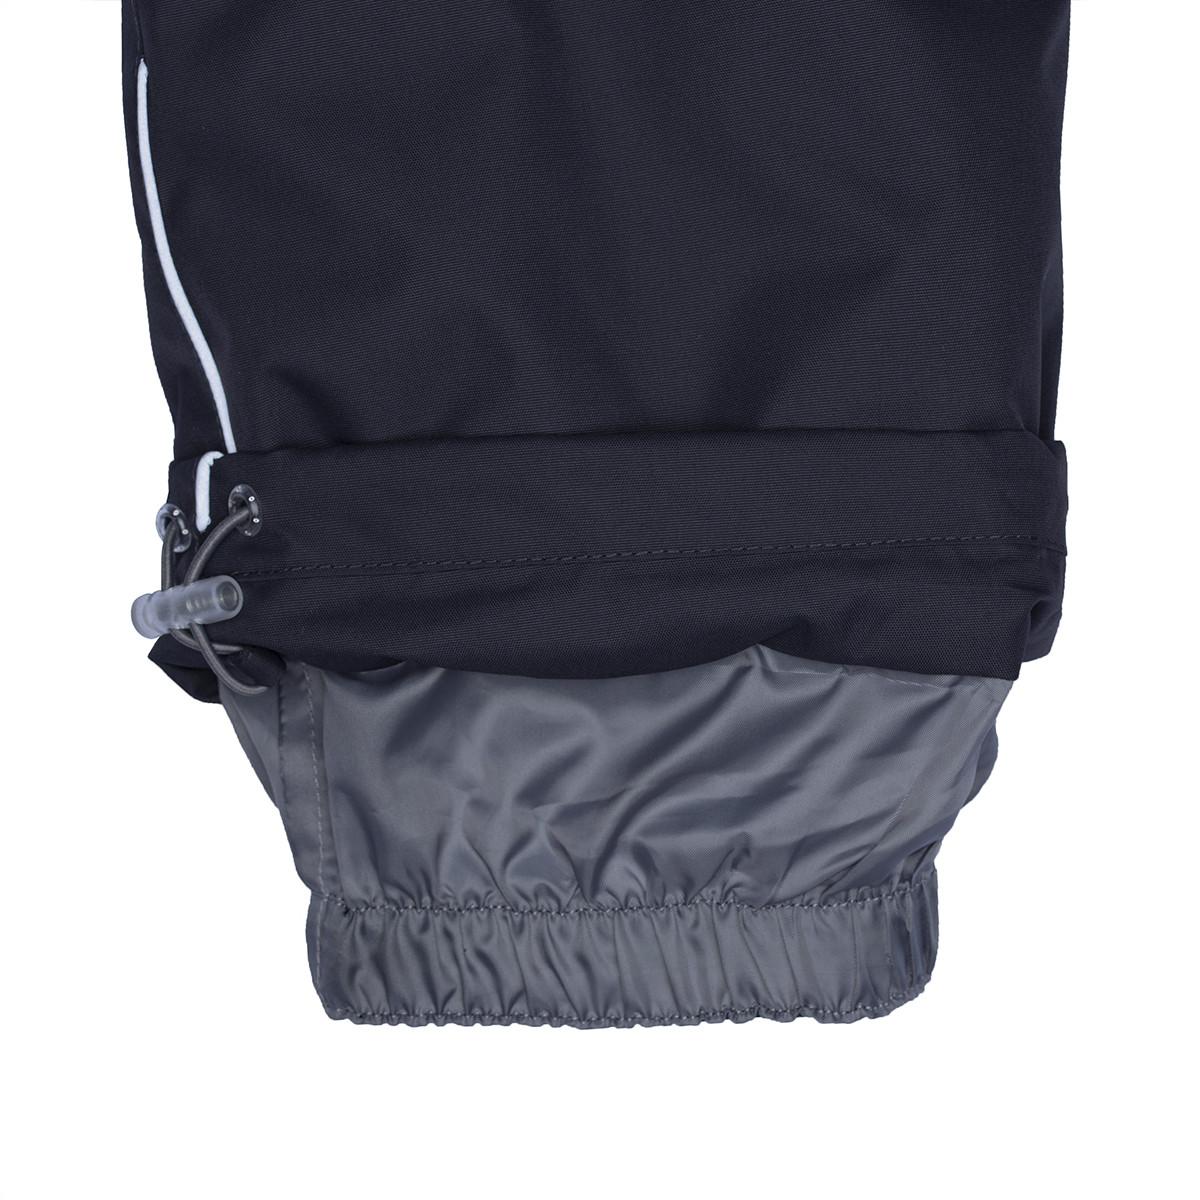 Комплект для девочек Huppa WONDER, белый с принтом/тёмно-серый - фото 5